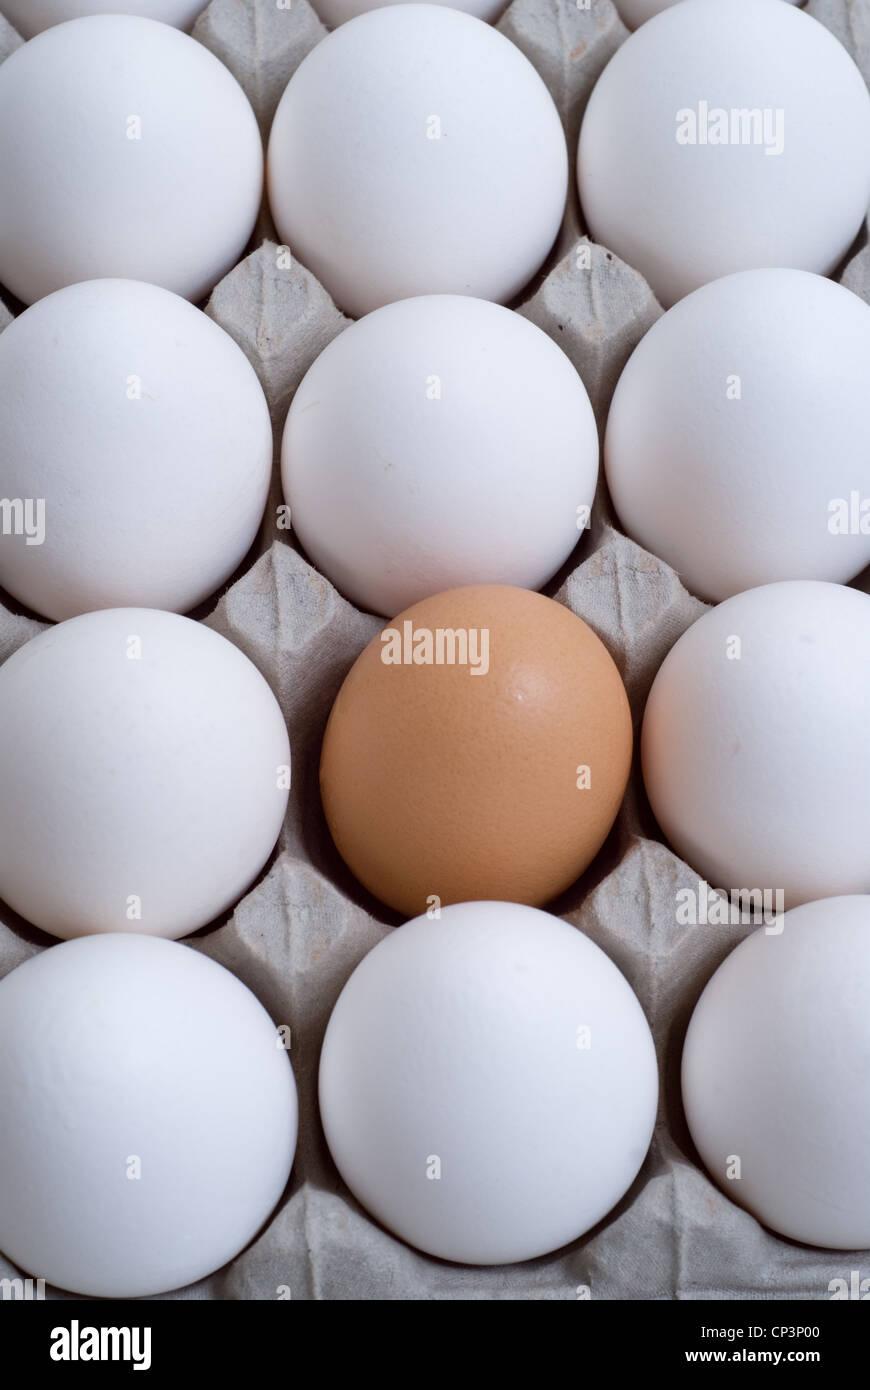 Le uova bianche con un uovo marrone, immagini concettuali. Immagini Stock